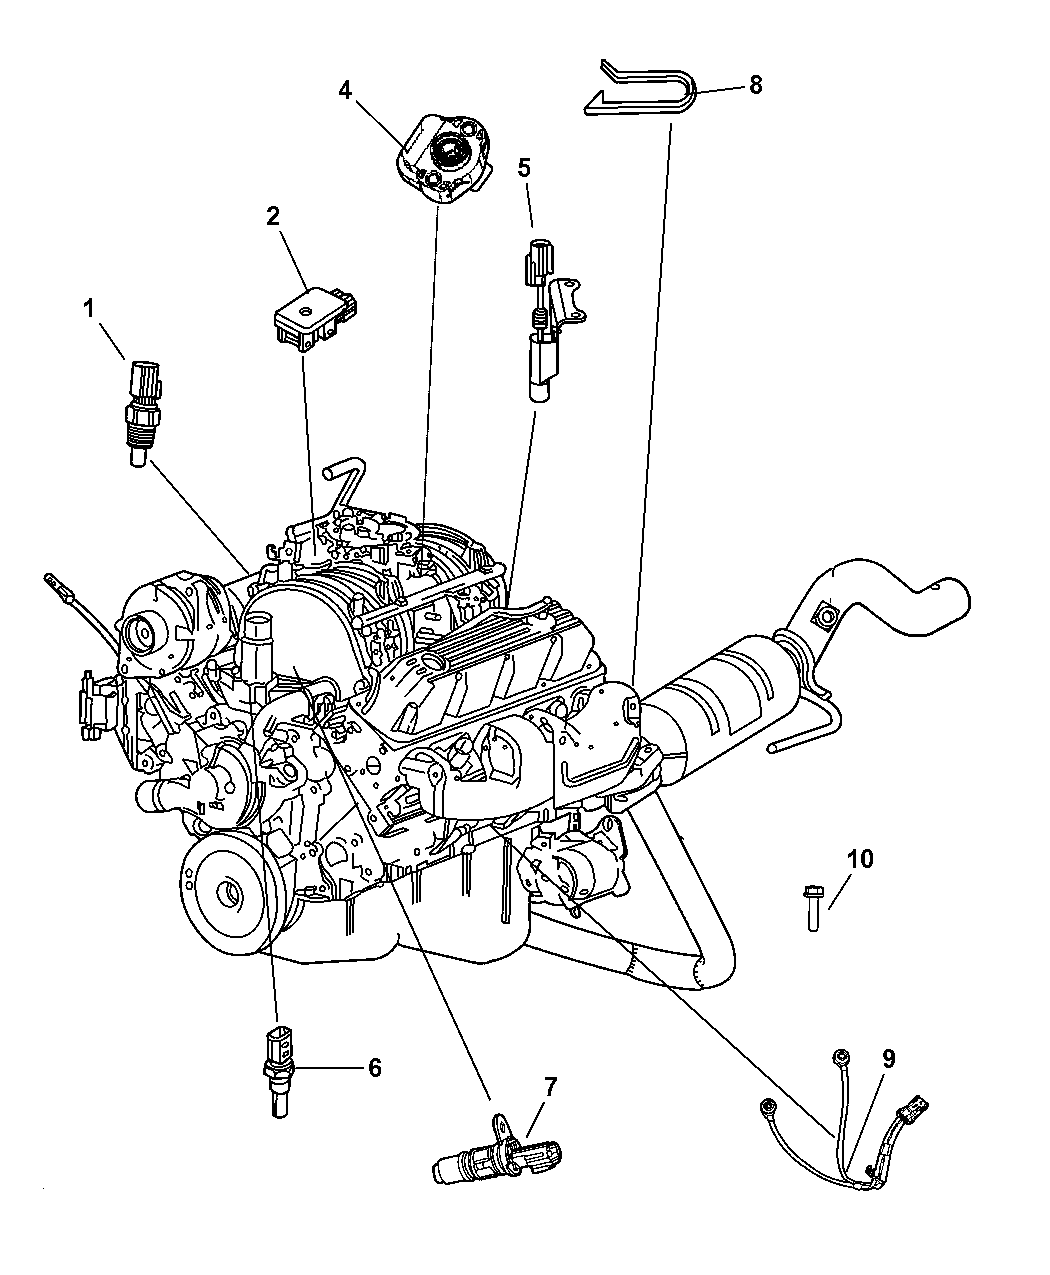 2008 Chrysler Aspen Sensors - Engine - Thumbnail 2